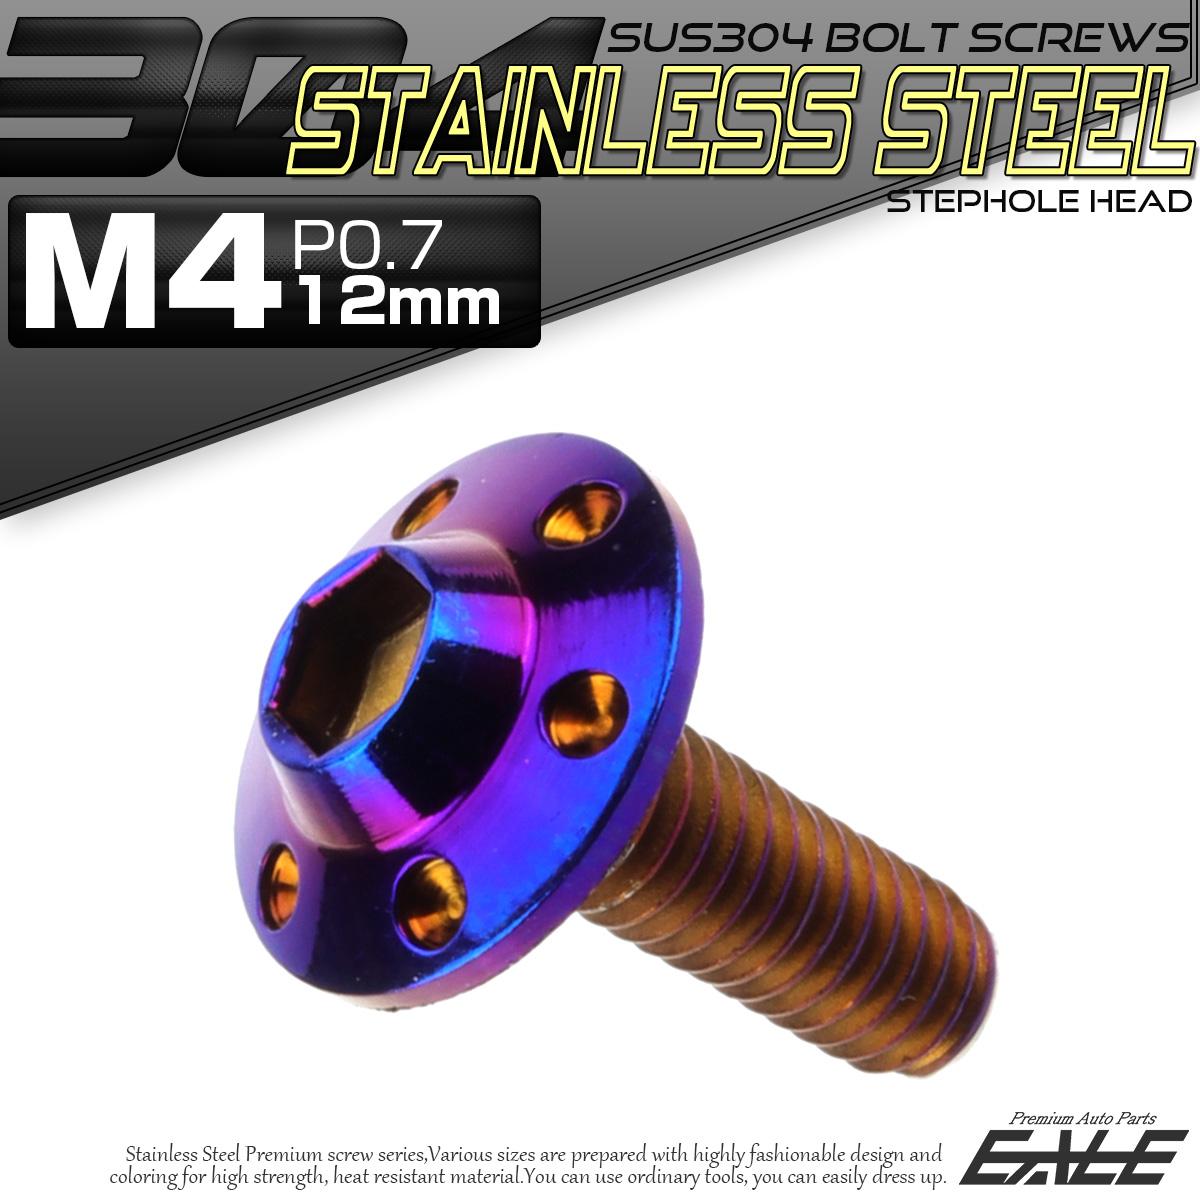 【ネコポス可】 SUS304 フランジ付 ボタンボルト M4×12mm P0.7 六角穴  焼きチタン ステップホールヘッド ステンレス製 TR0197